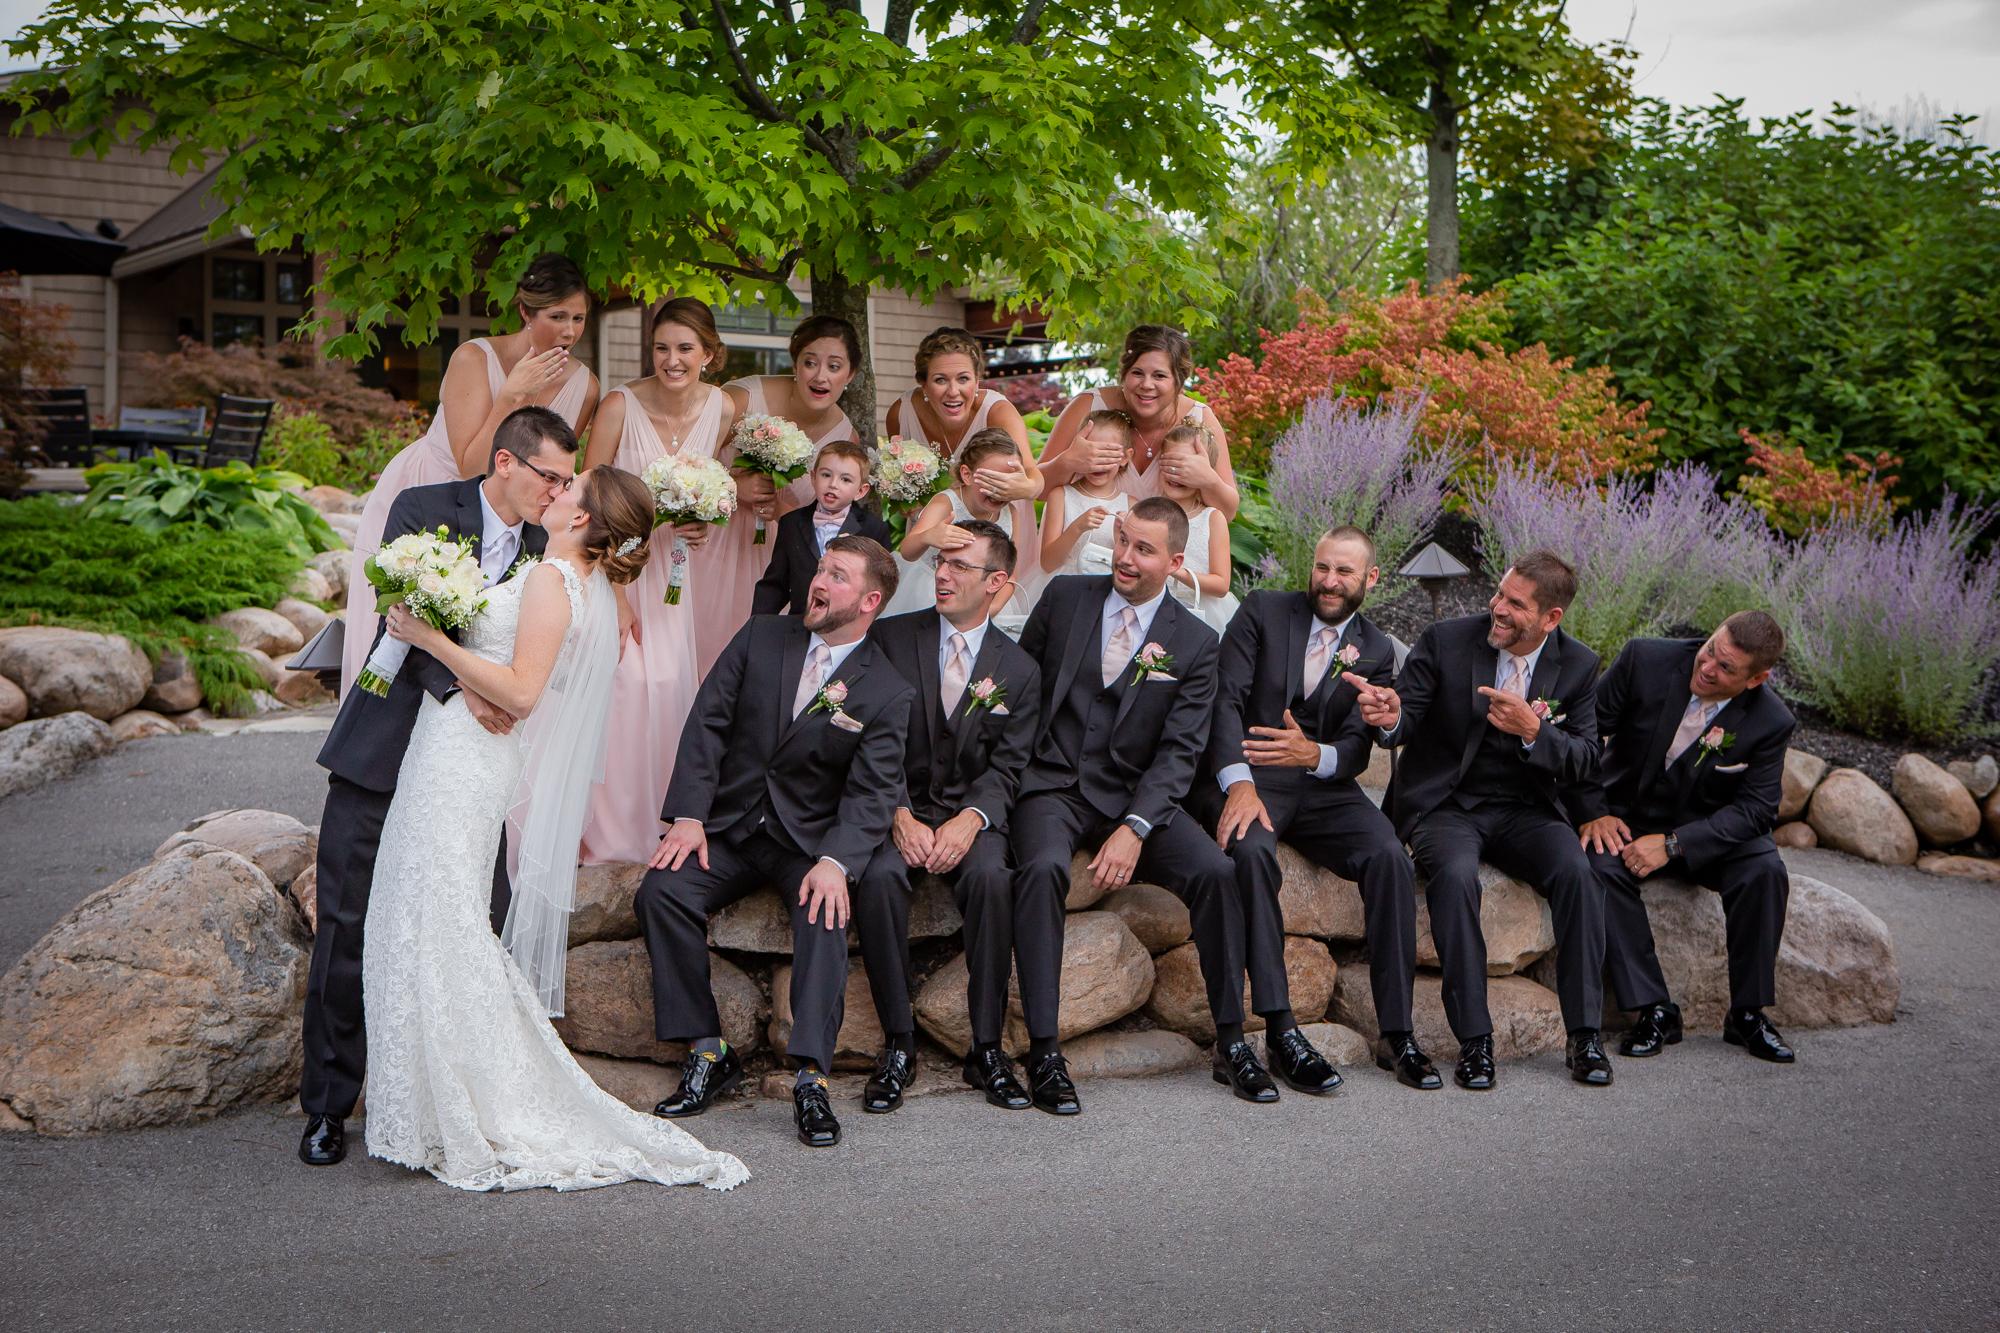 Deerfield-Country-Club-Wedding-5973.jpg